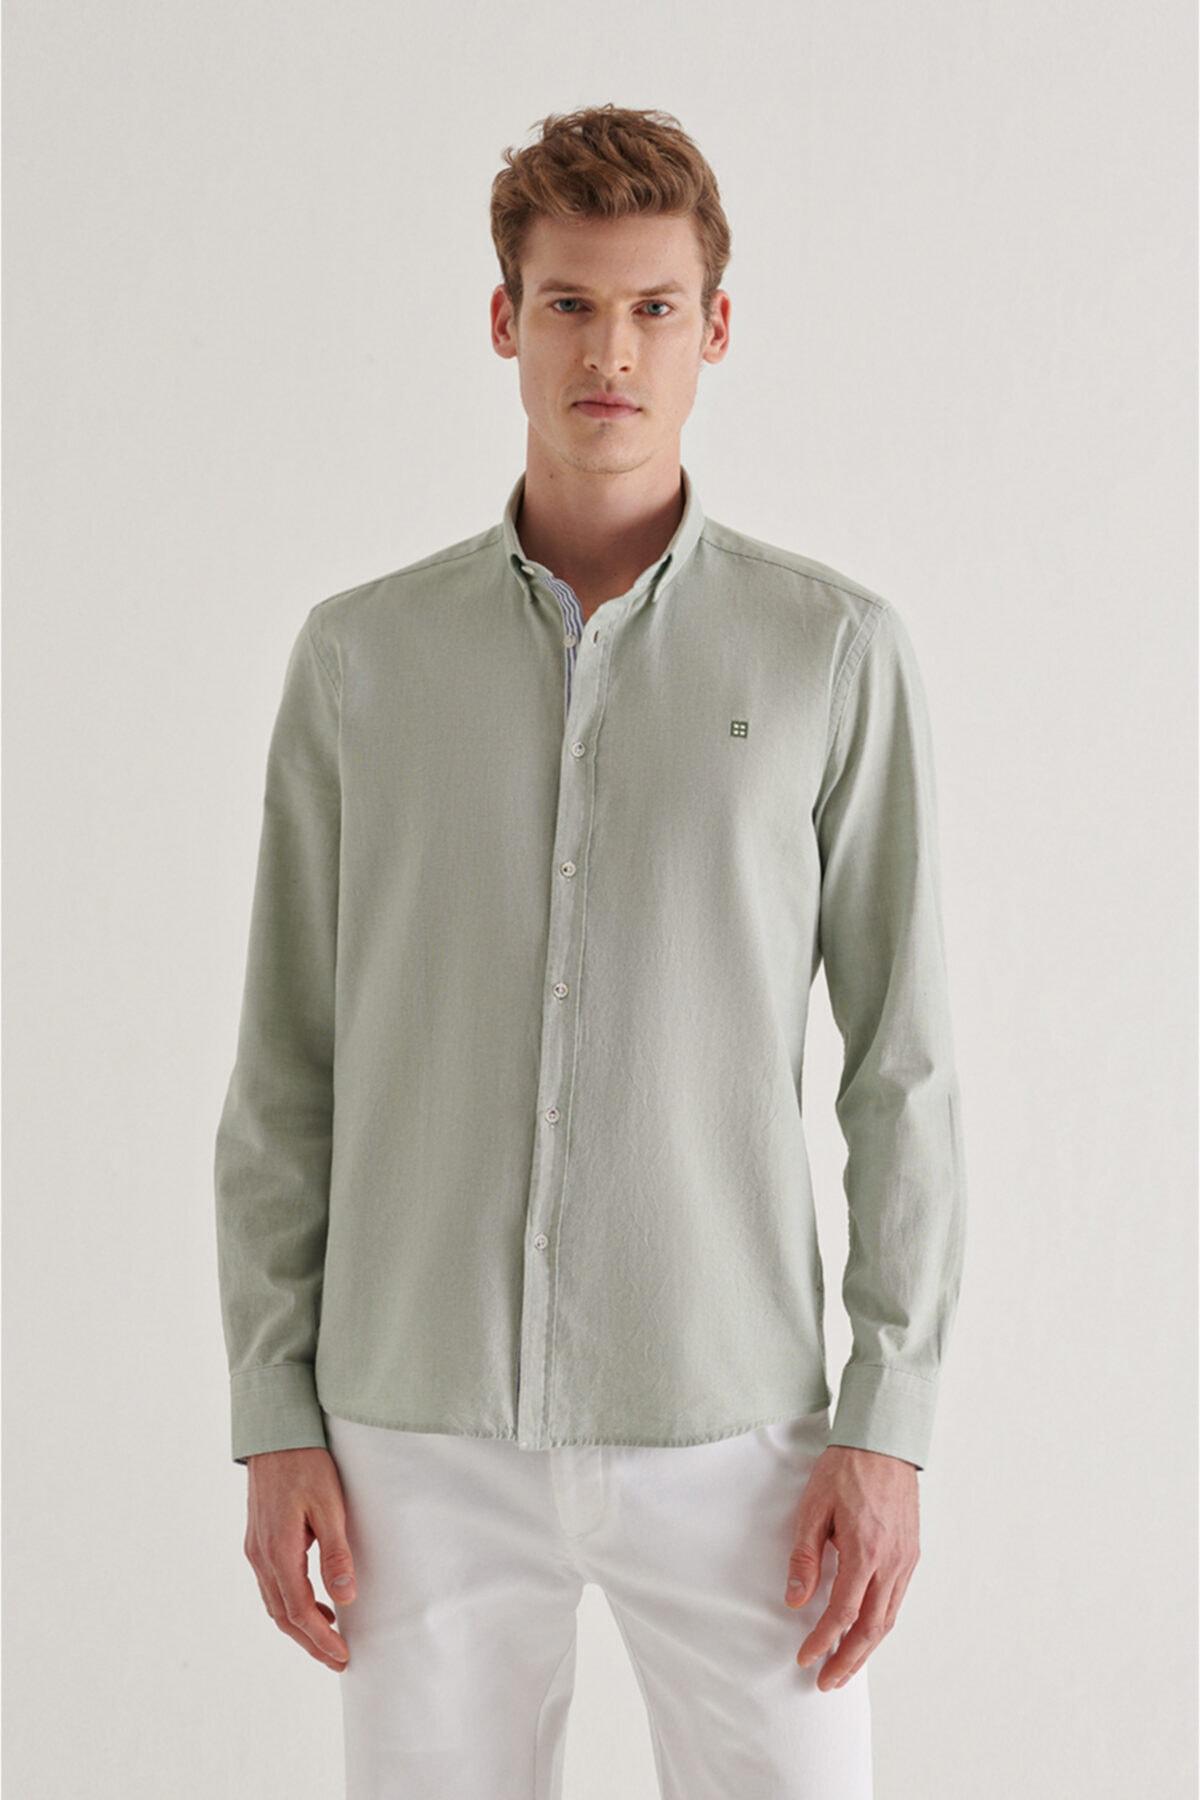 Erkek Haki Düz Düğmeli Yaka Regular Fit Gömlek A11y2026